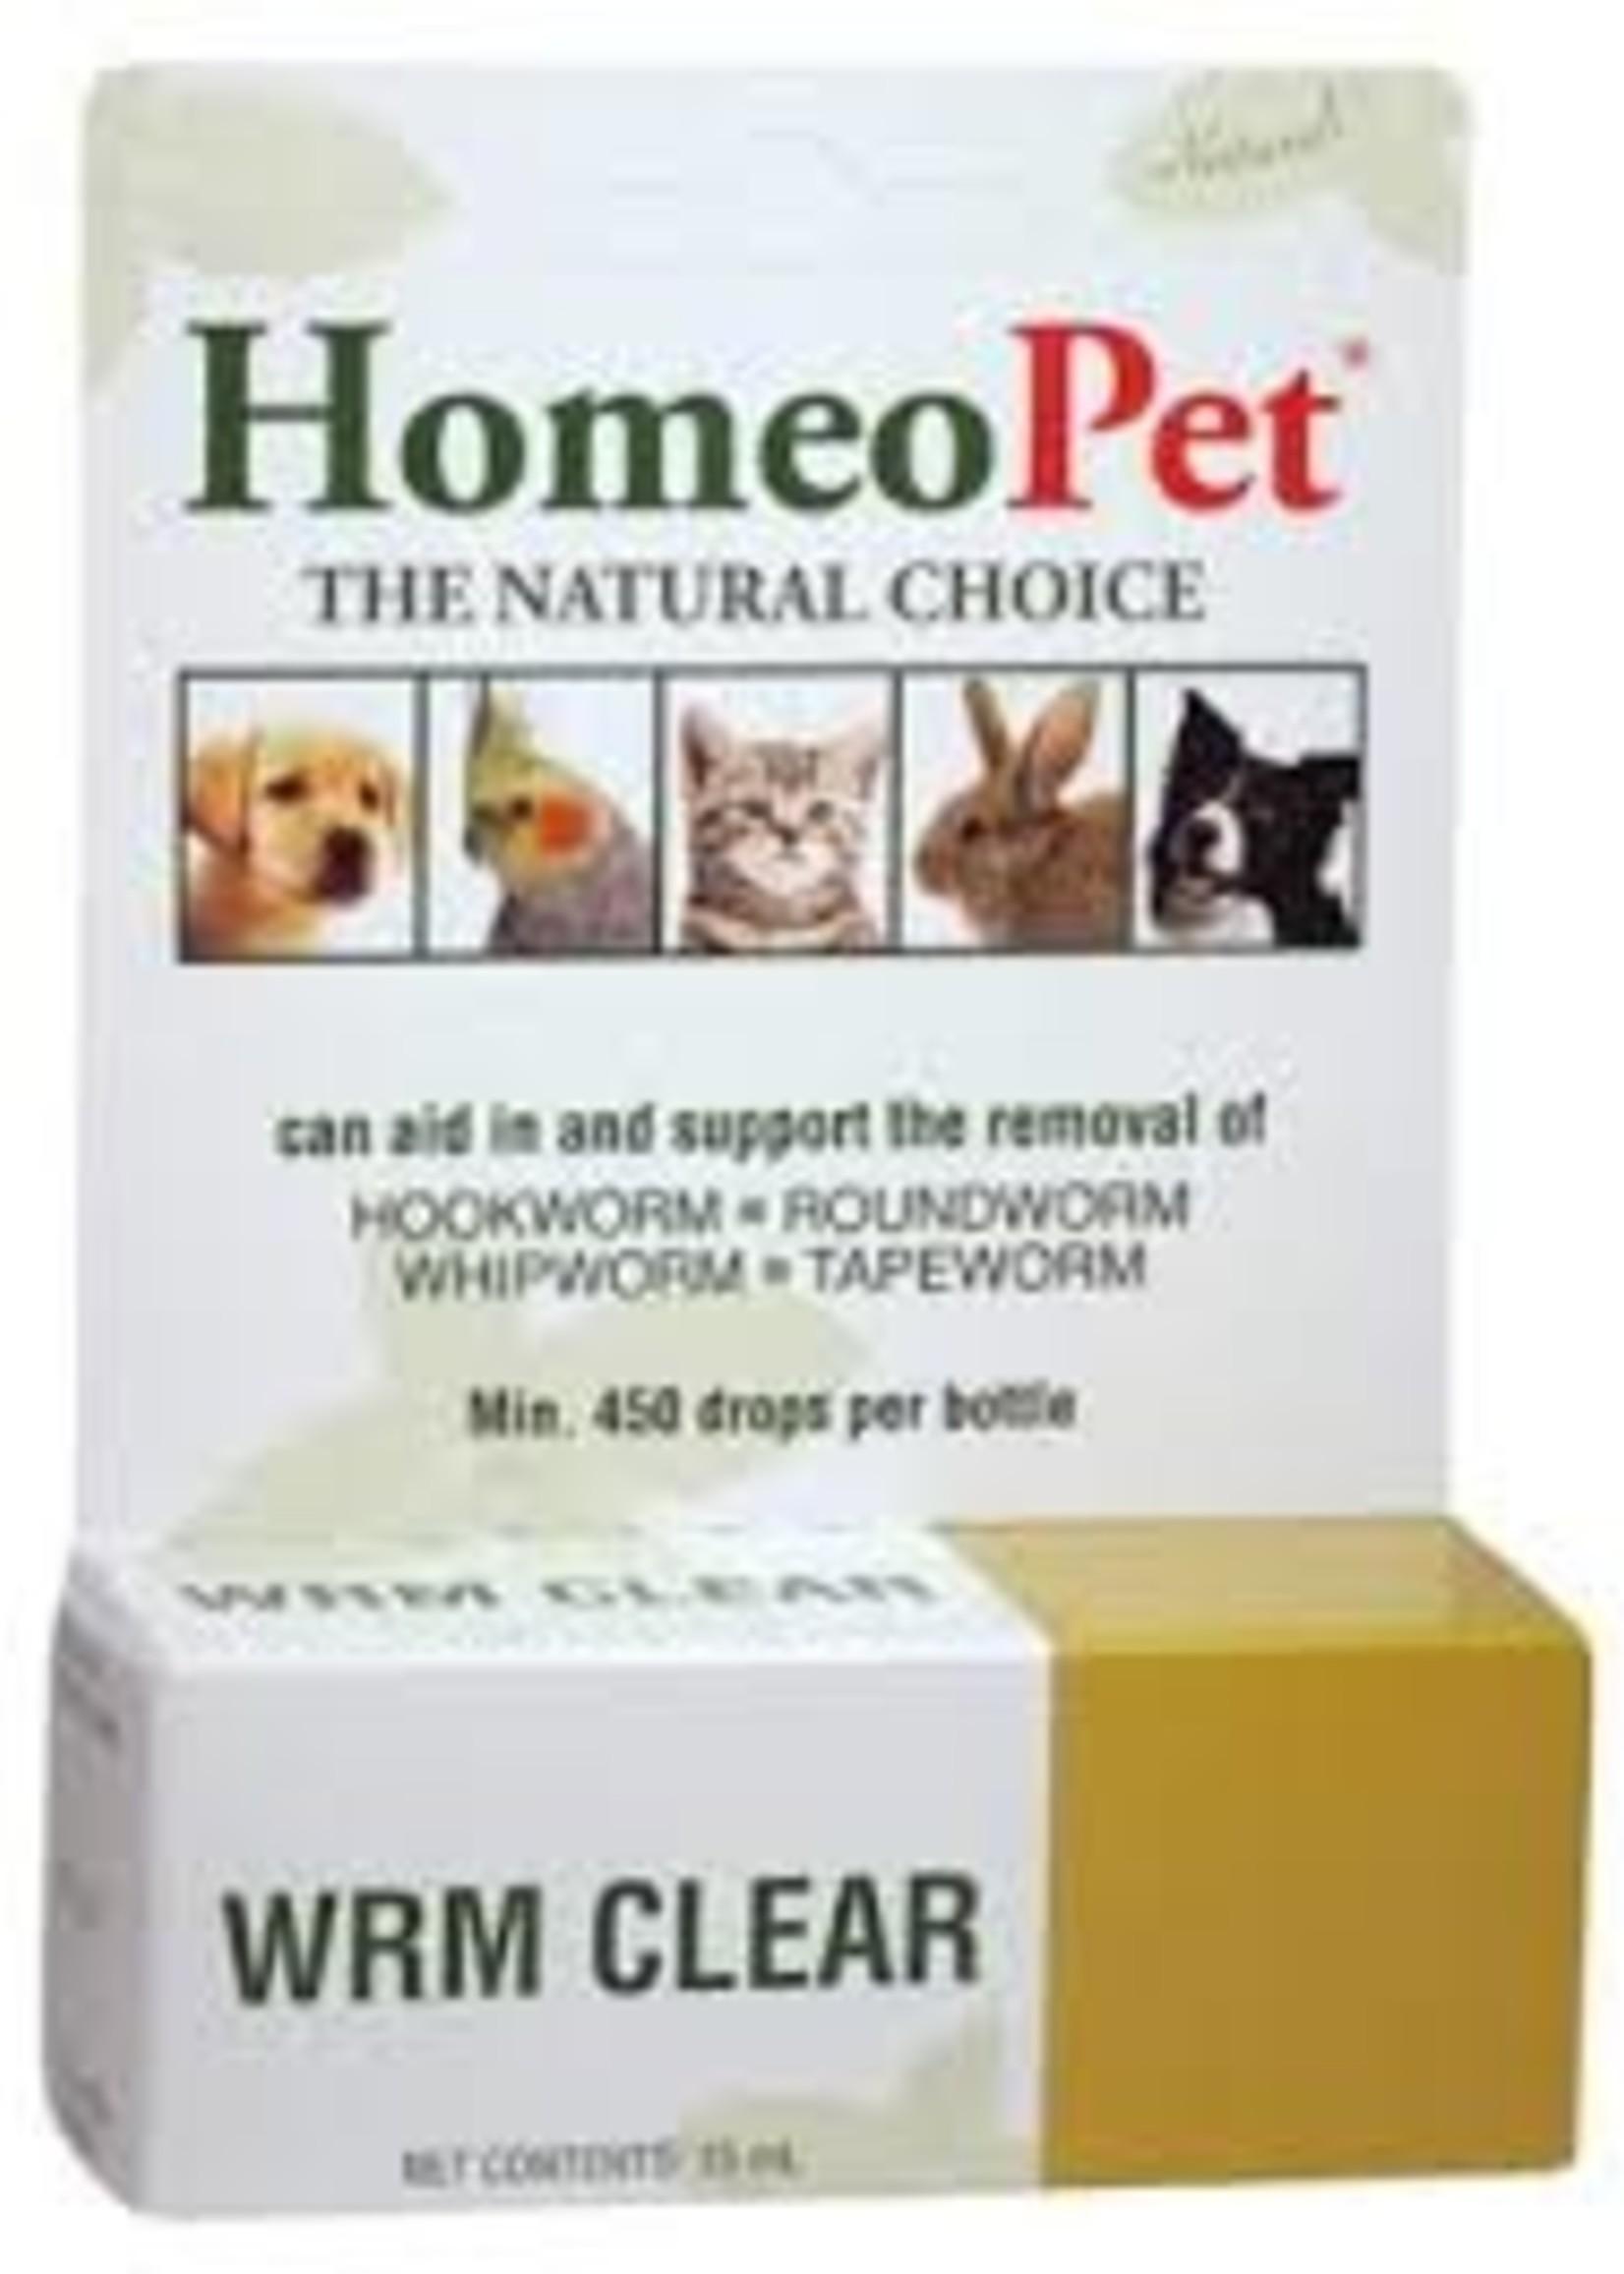 Homeopet LLC Homeo Pet Worm Clear Fel